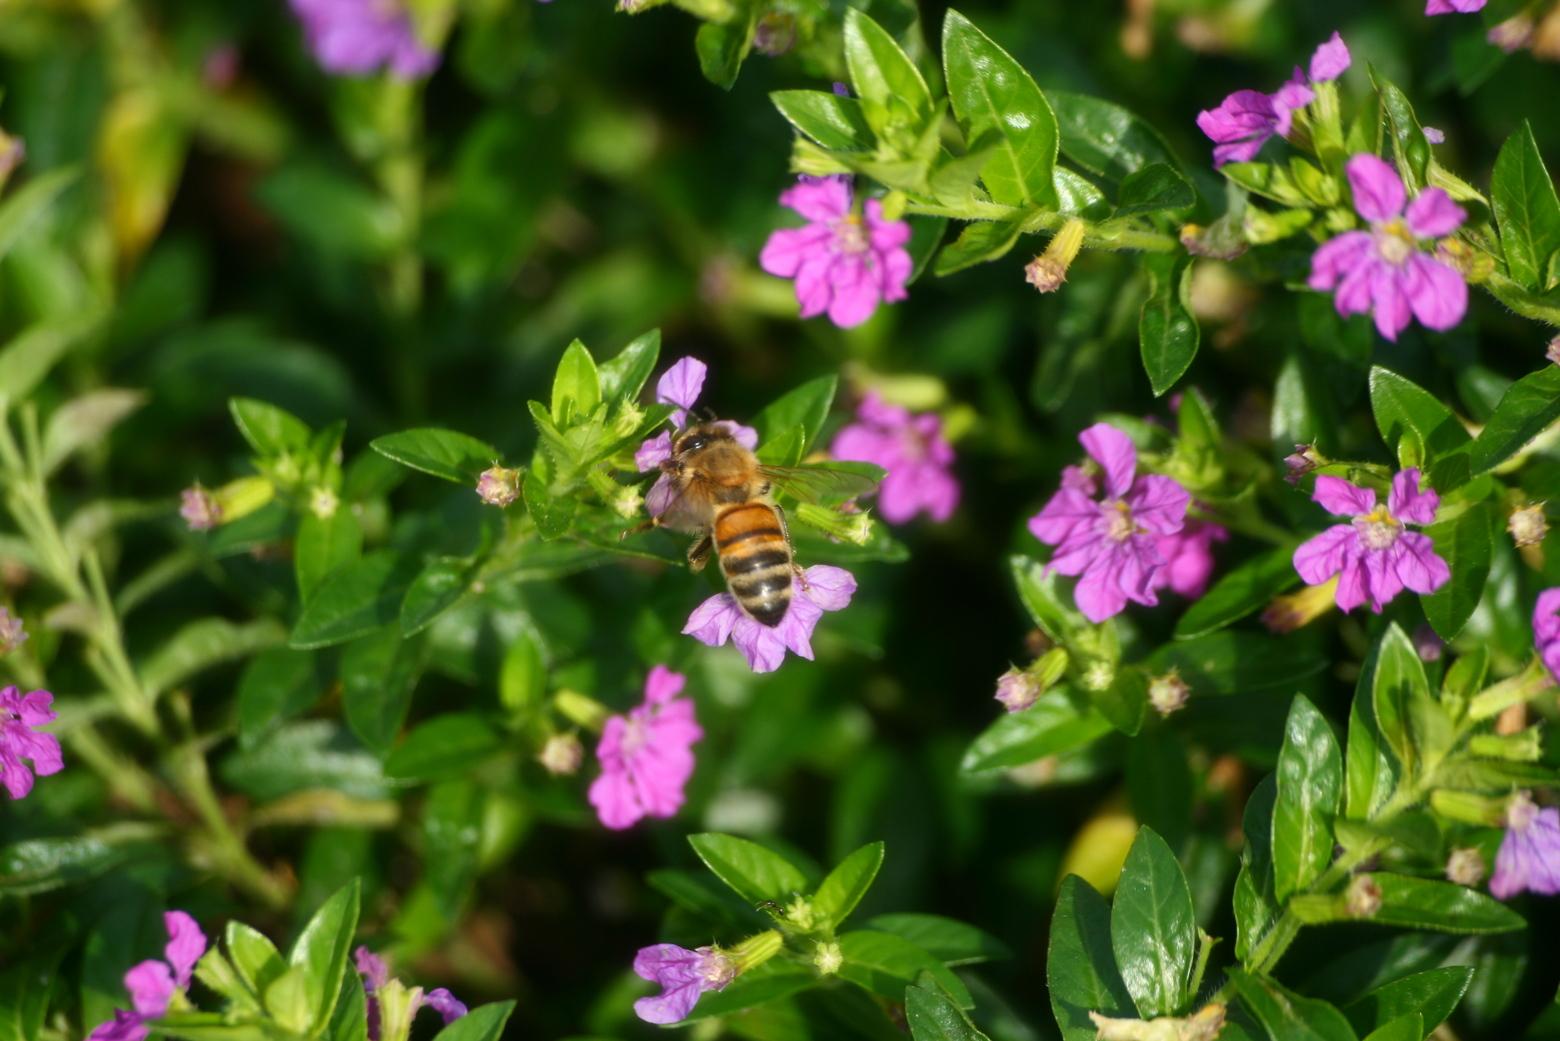 讓蜜蜂還有瓢蟲蜘蛛們回來!種綠籬與野花營造田邊棲地 | 上下游News&Market